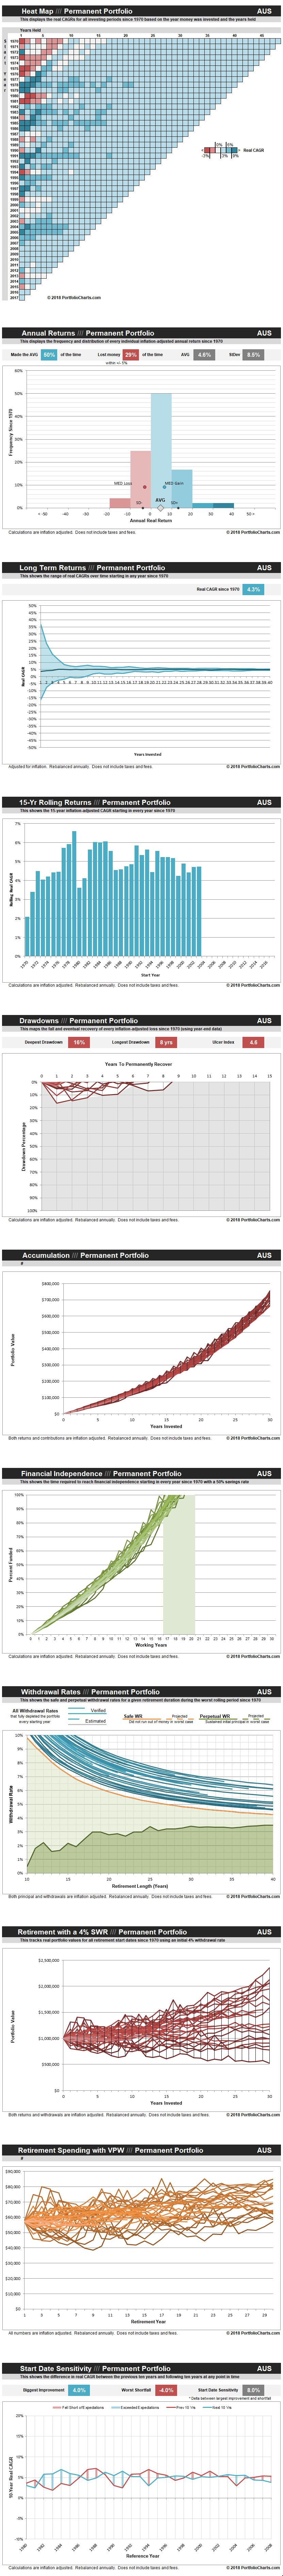 permanent-portfolio-AUS-20180508.jpg